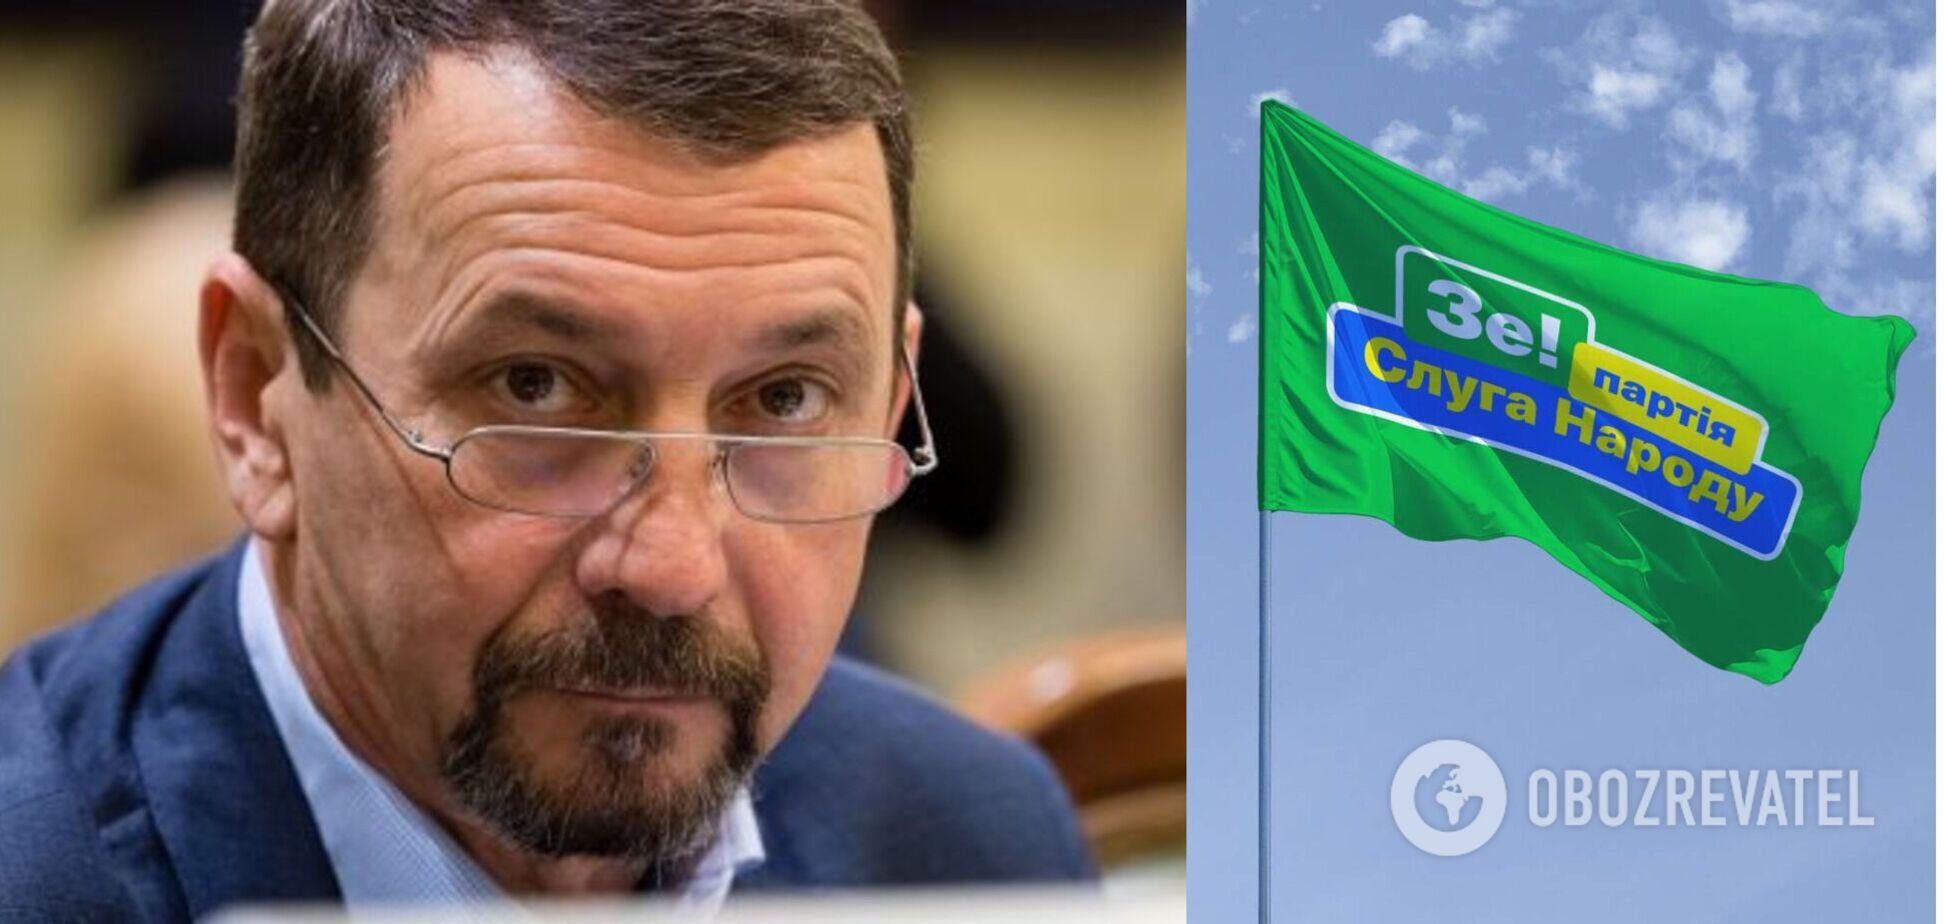 У Дніпрі телеканал подав до суду на 'Слугу народу' через 'фейки: з'явилося продовження скандалу